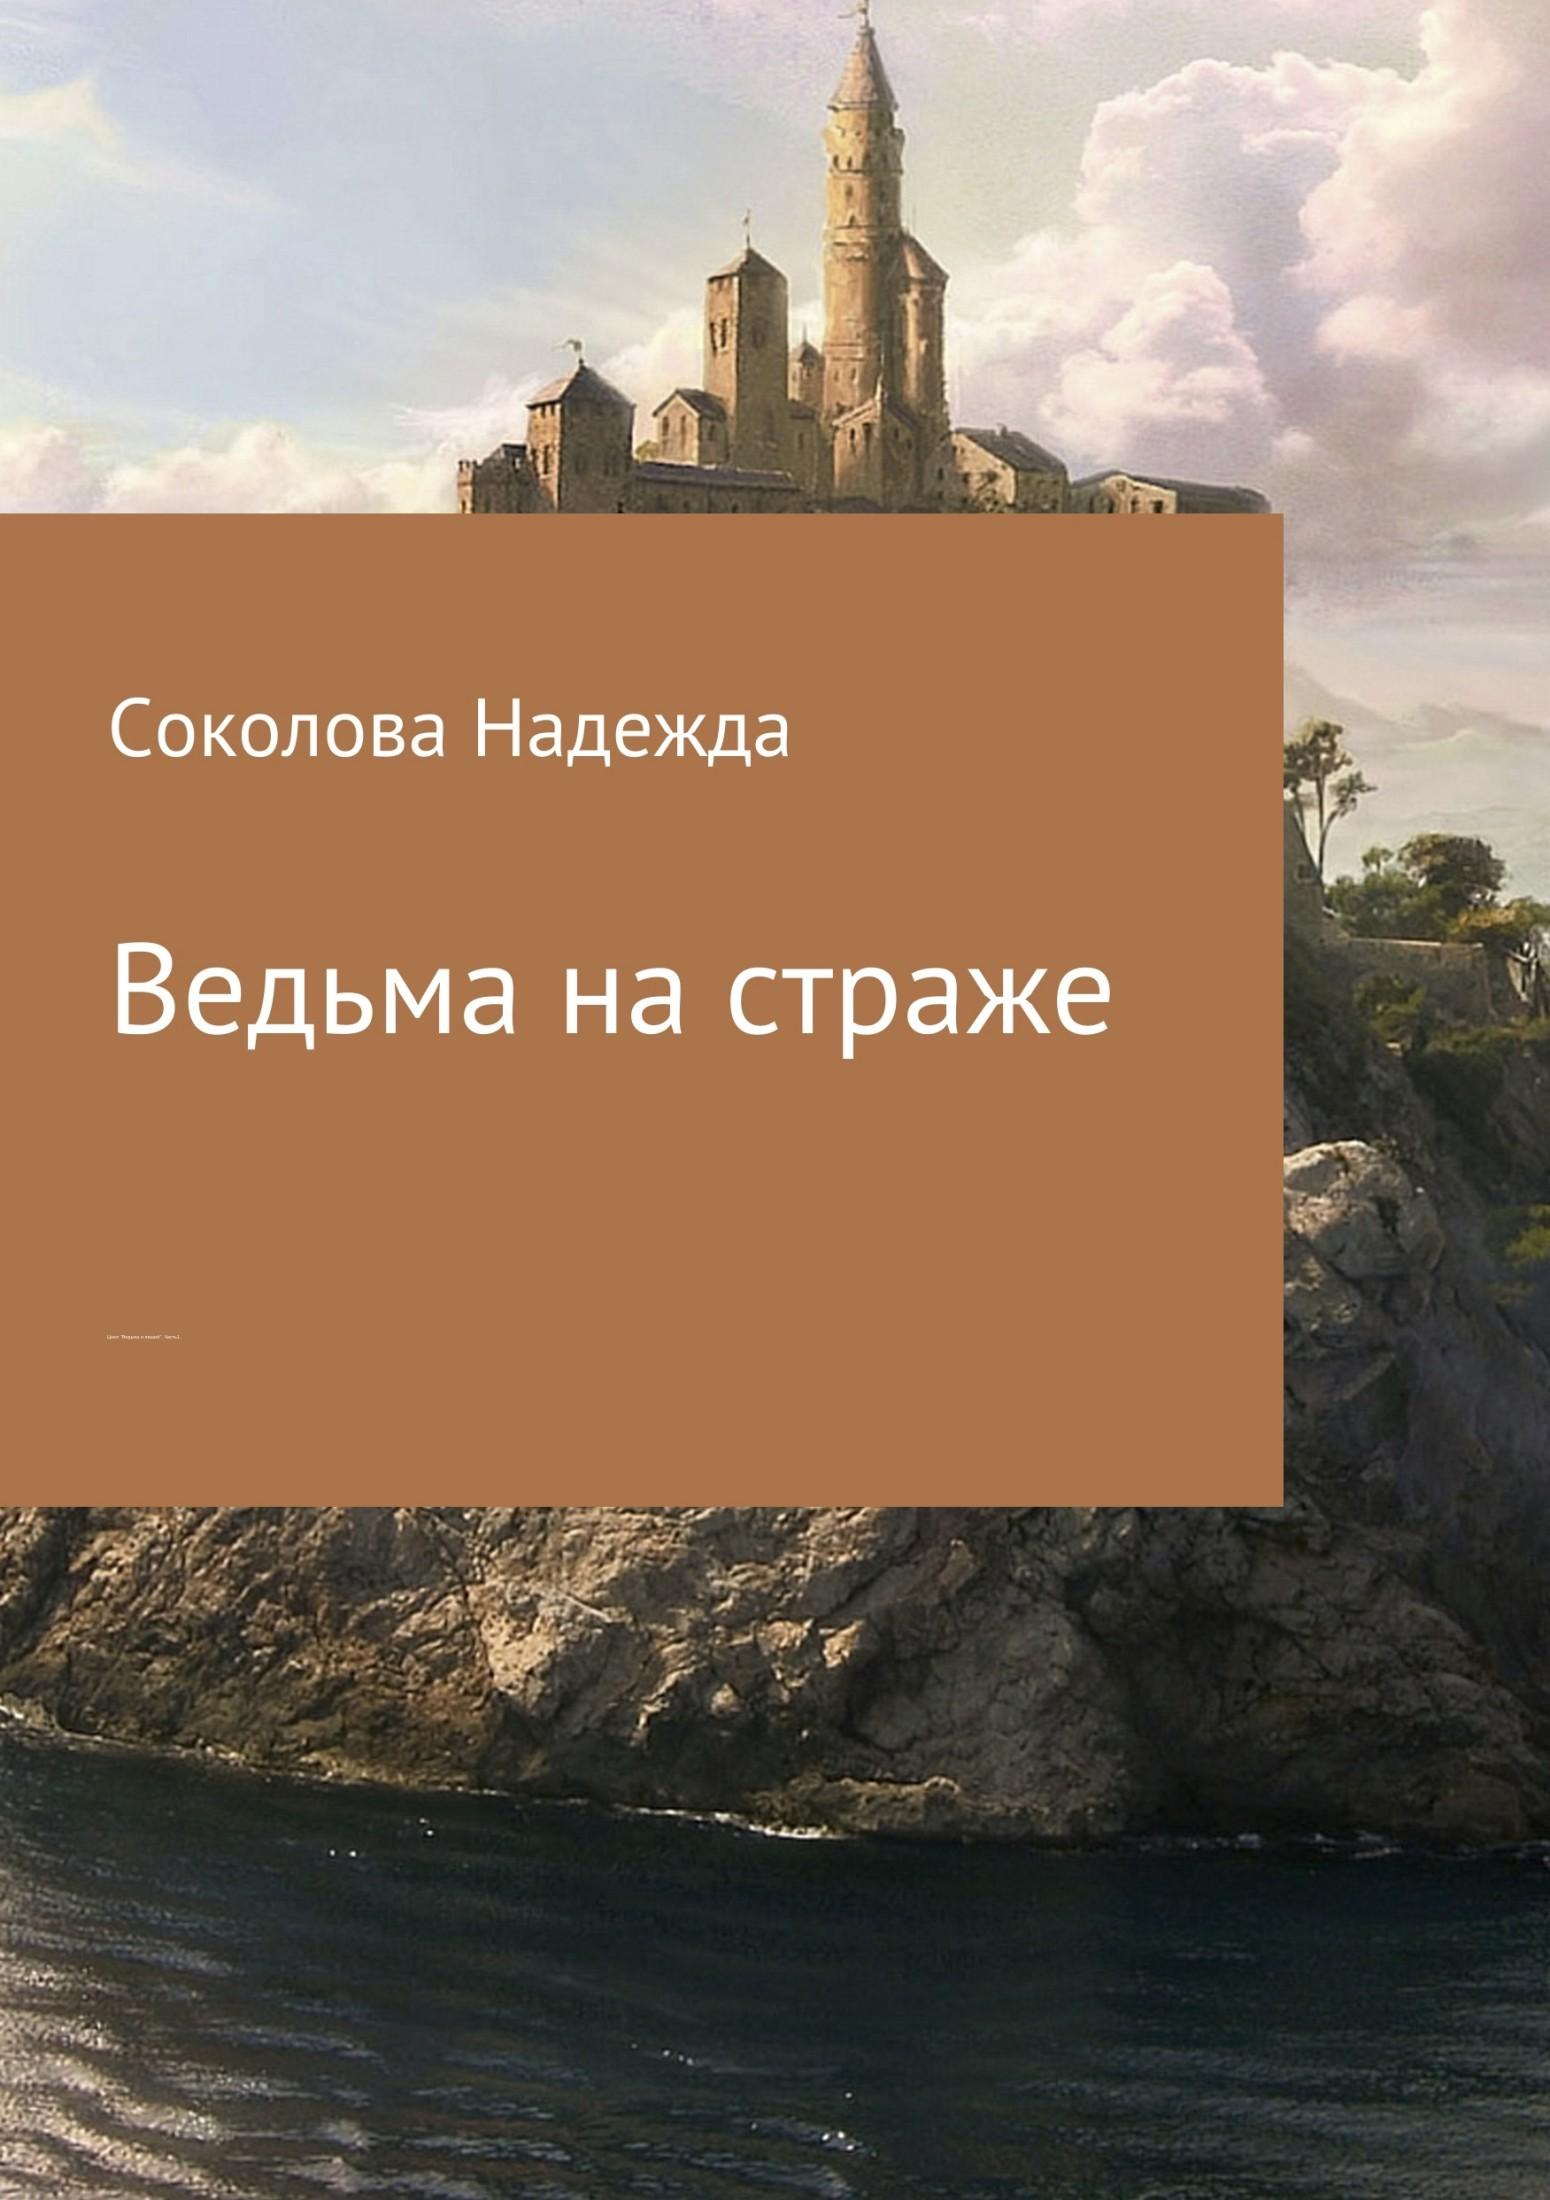 Надежда Игоревна Соколова. Ведьма на страже